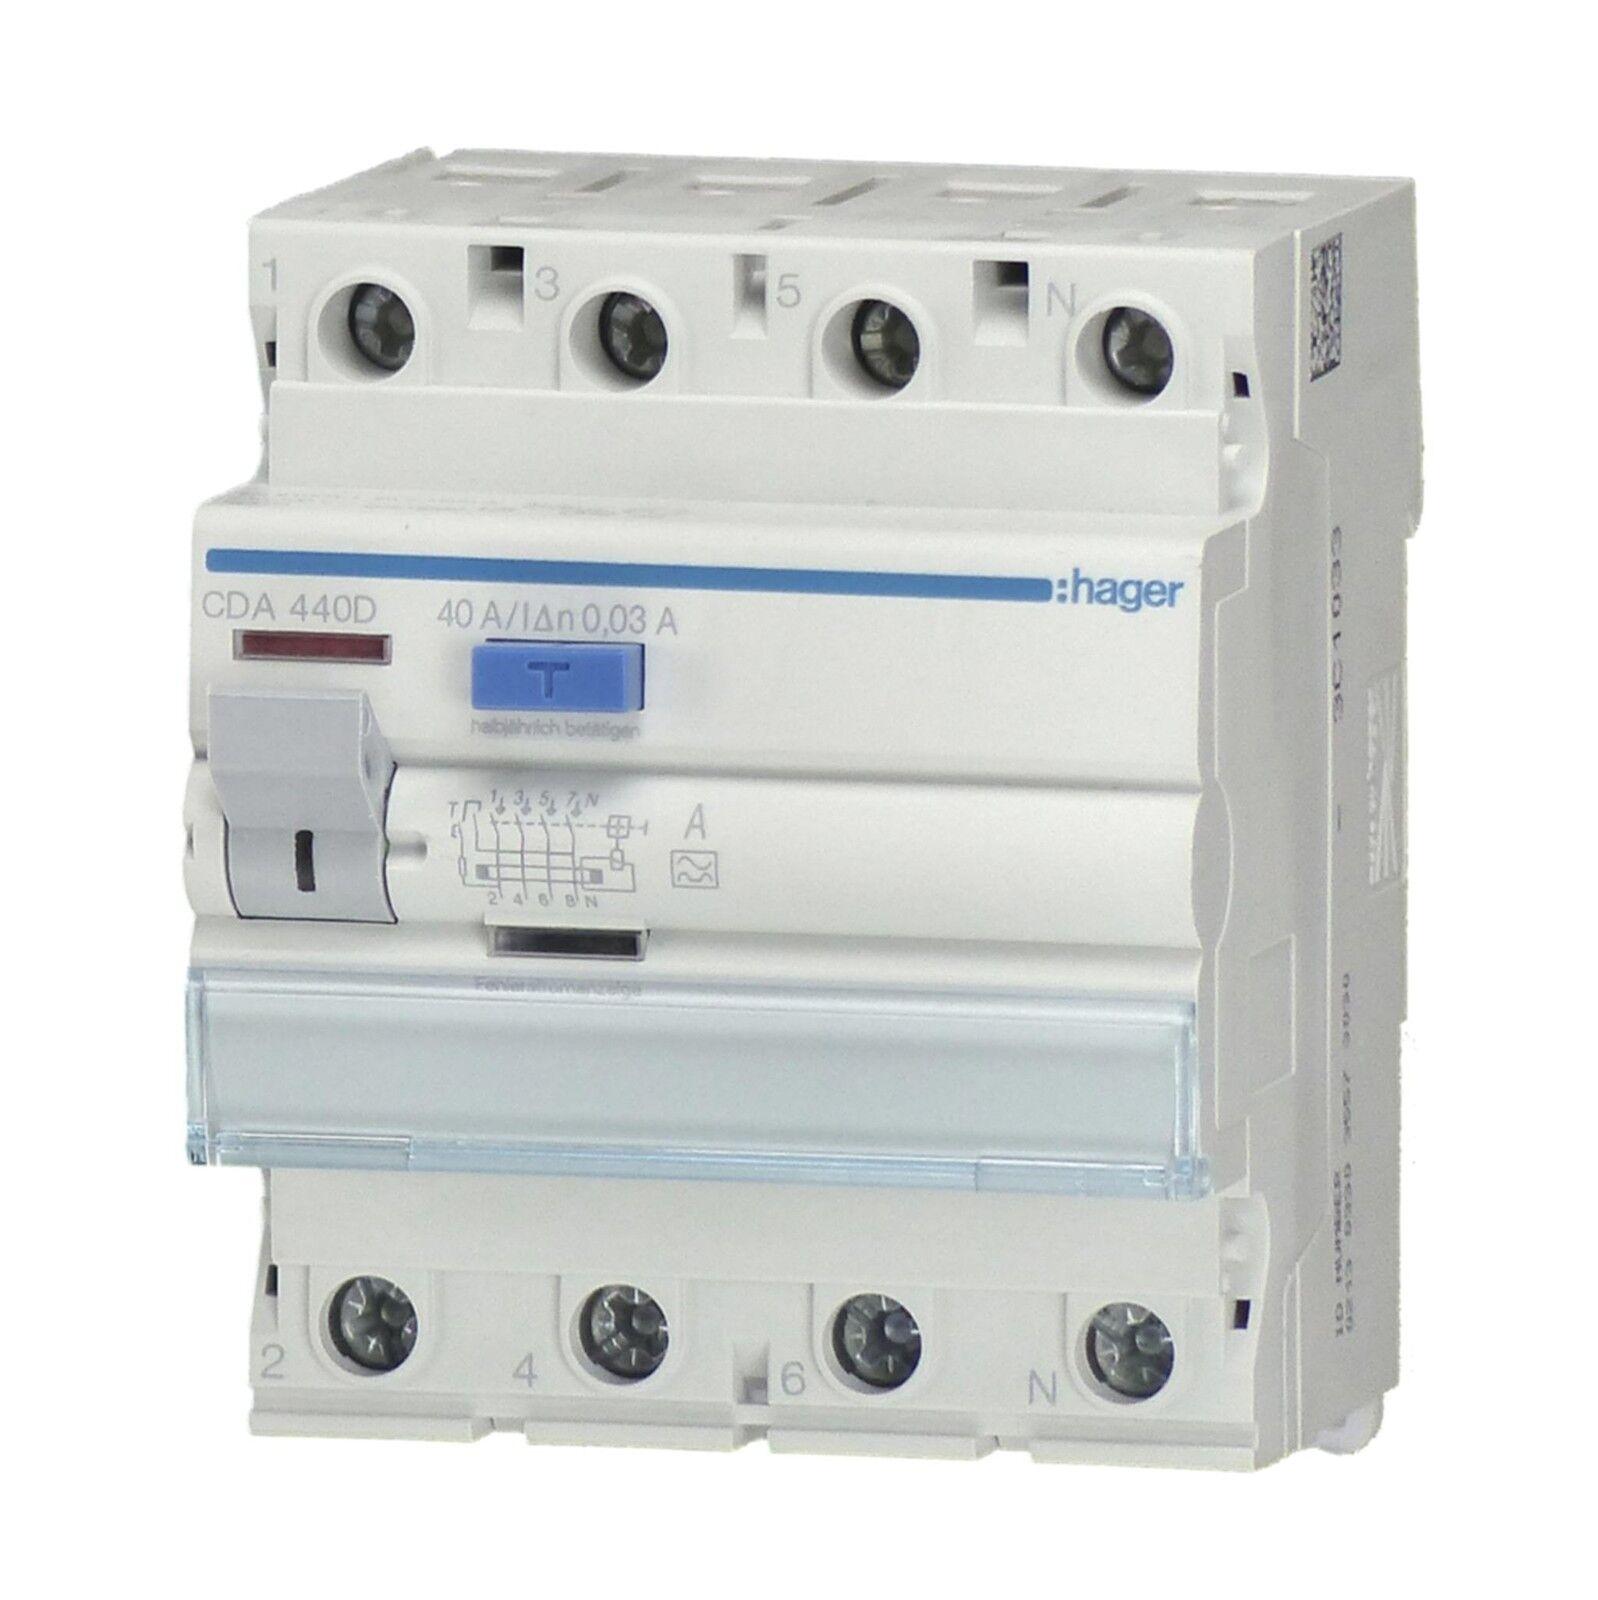 Hager Fi-Schutzschalter CDA440D 4-polig 40 0,03 Ampere | Verschiedene Arten und Stile